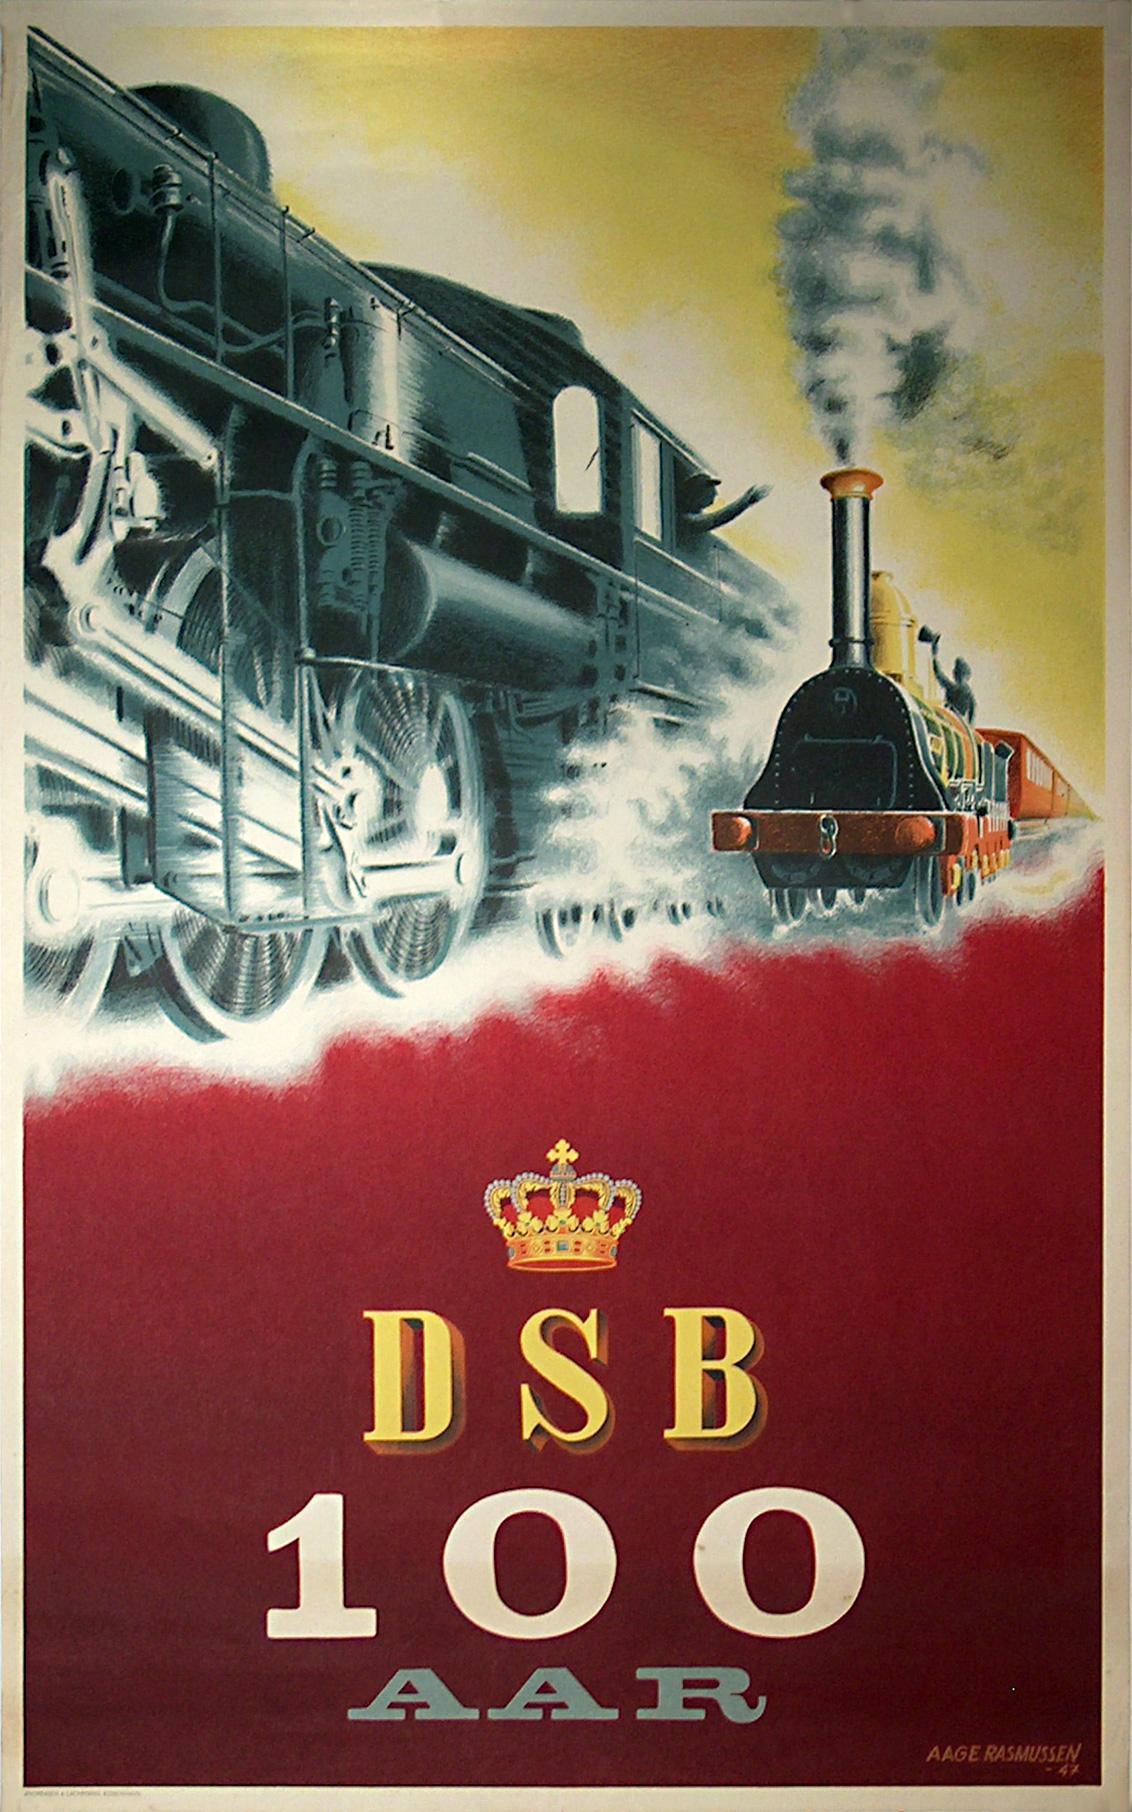 Original vintage poster: DSB 100 AAR for sale at posterteam.com